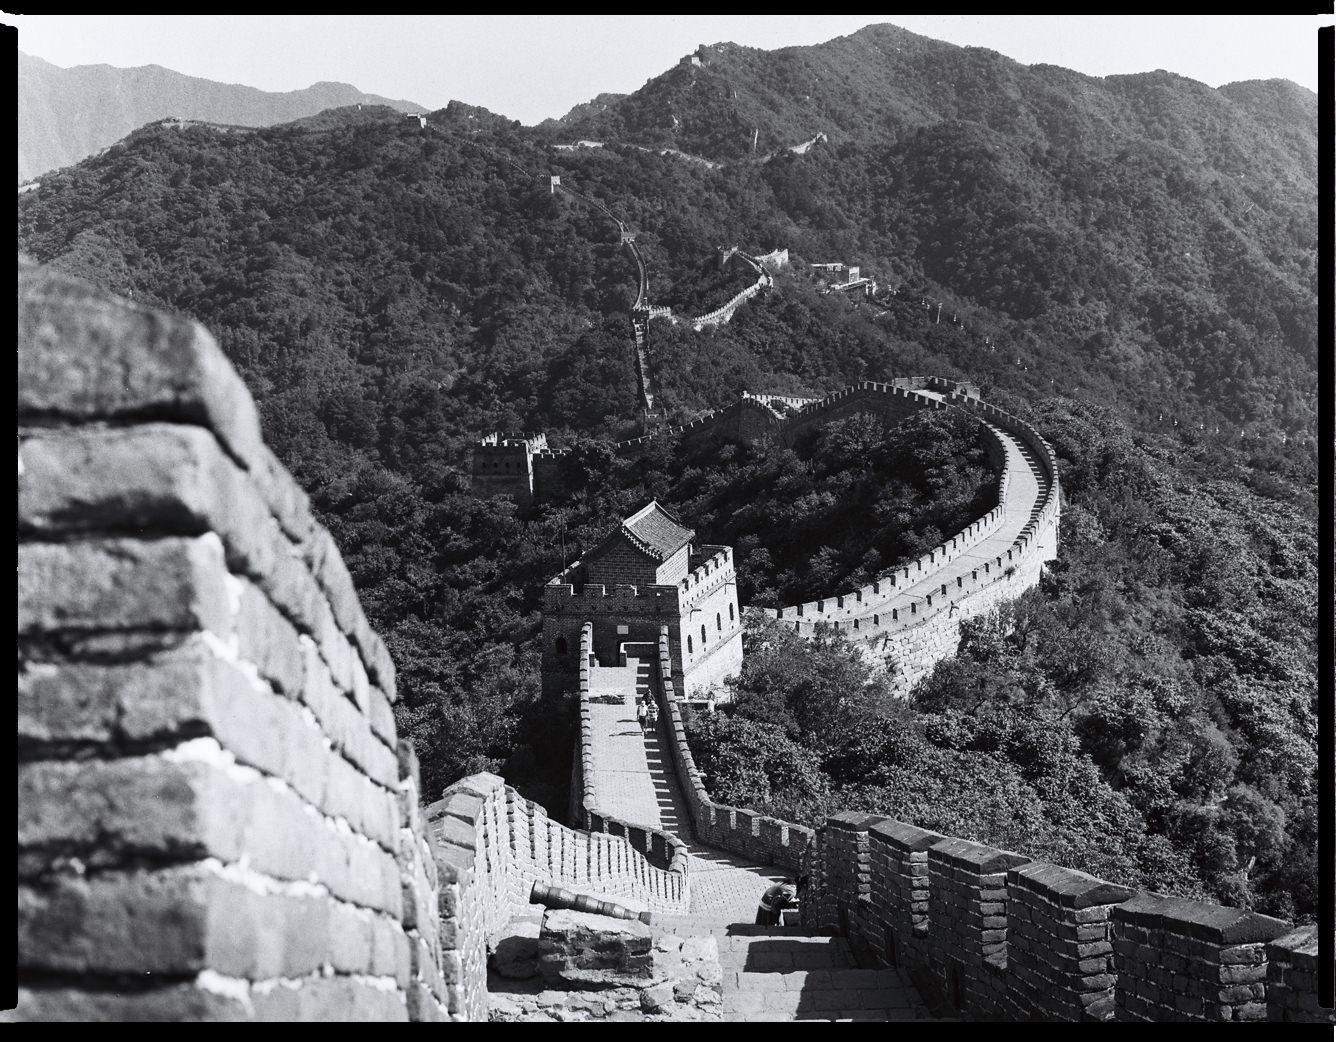 MediumFormatPatrikWallner_Beijing_GreatWallViewLOWQ